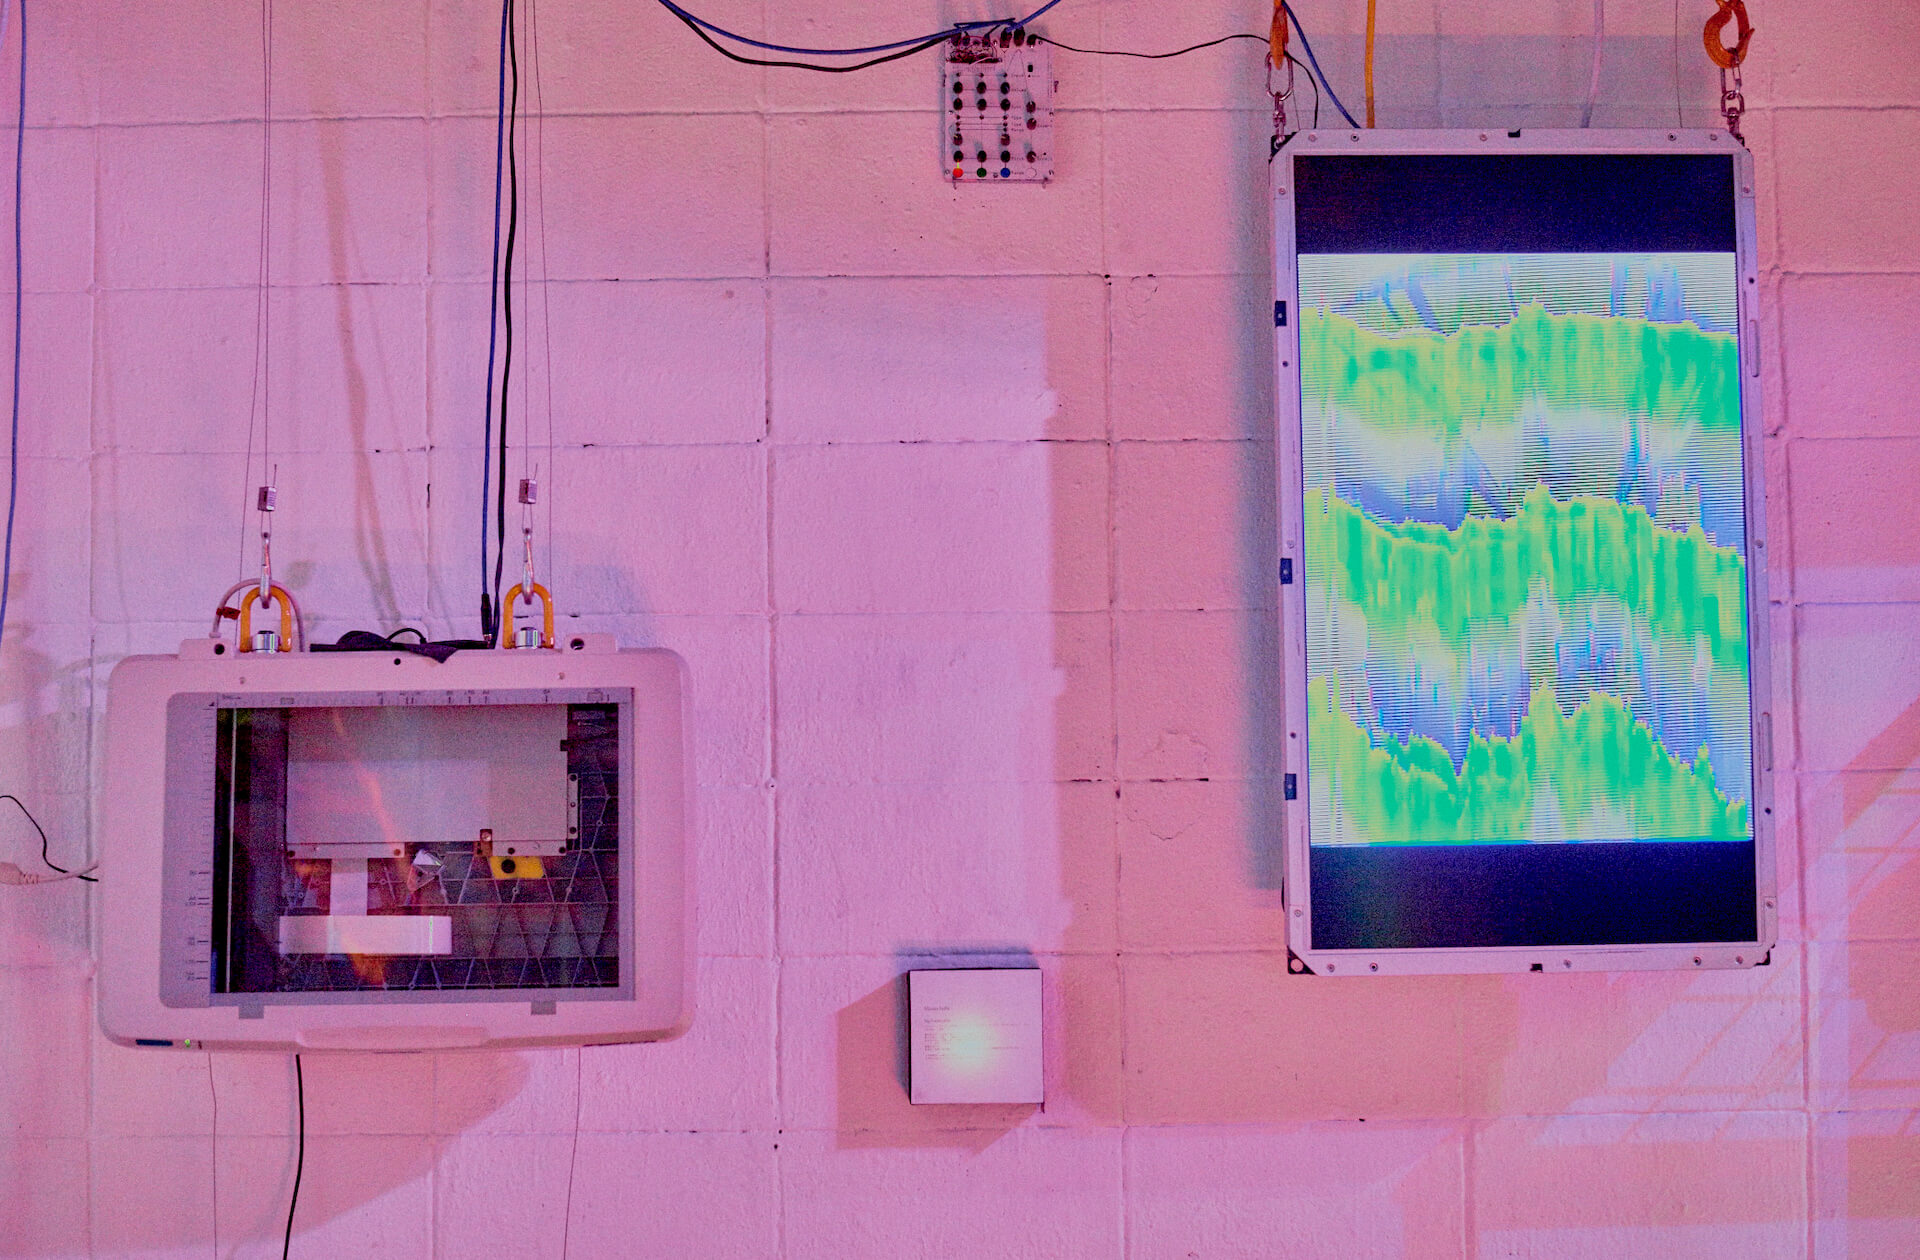 画家・平山達也と映像クリエイター 稲葉昌也による初の展覧会<UTAGE>の開催が決定! art211006_utage_01